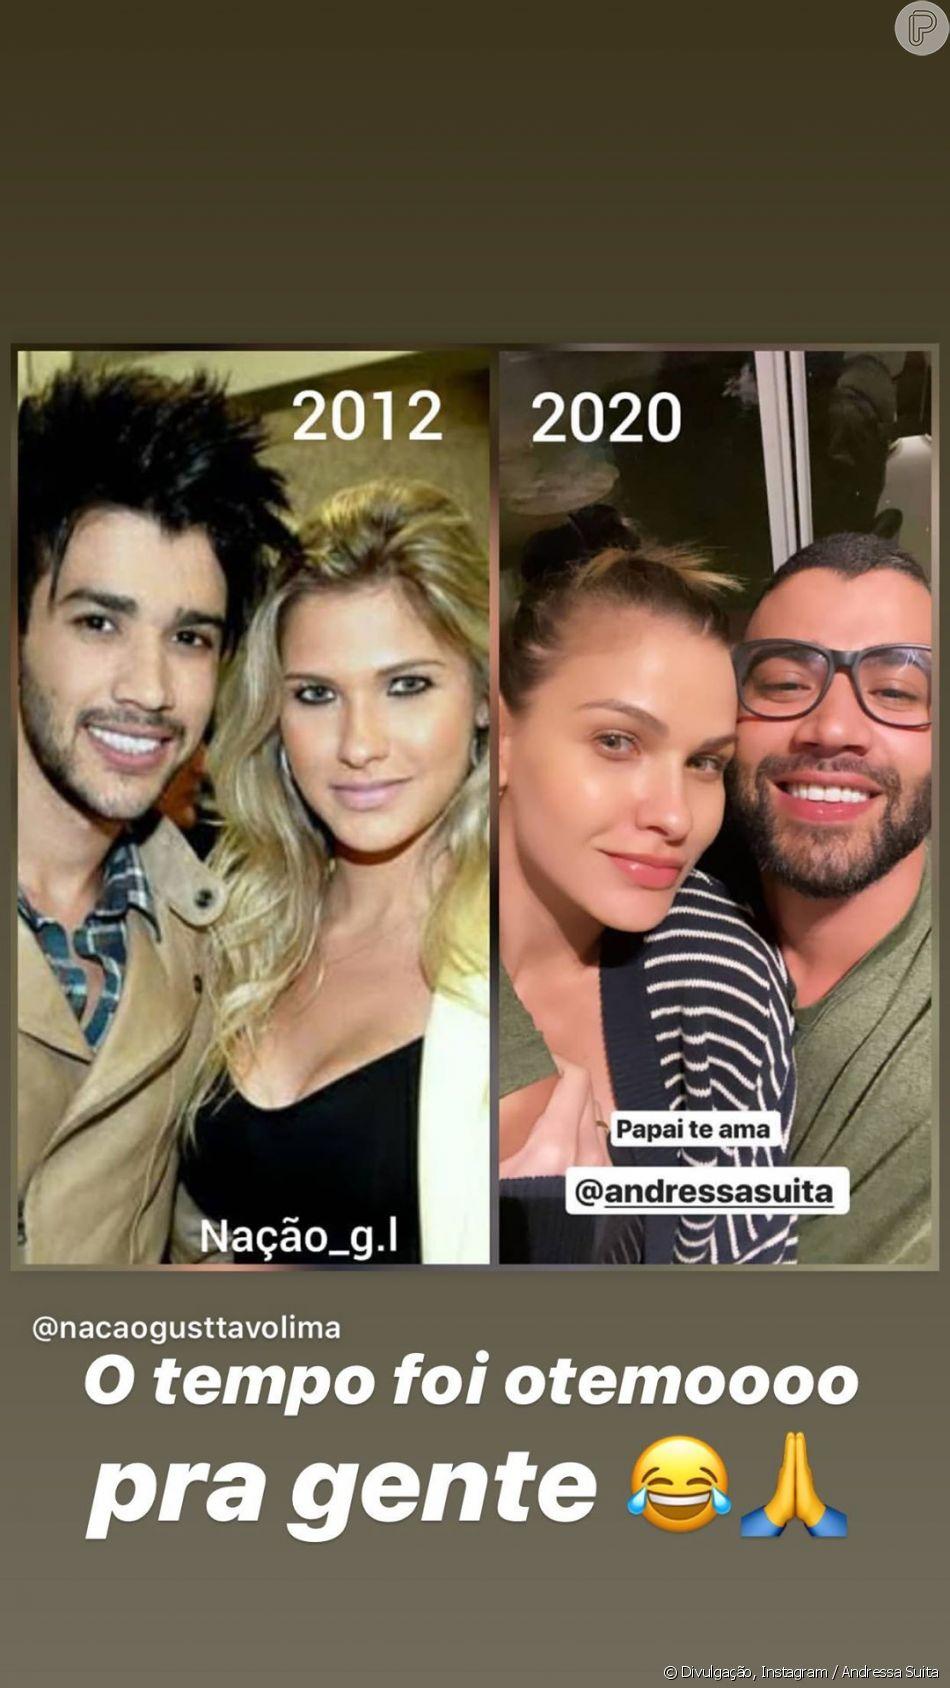 Andressa Suita e Gusttavo Lima surgem diferentes em foto de antes e depois